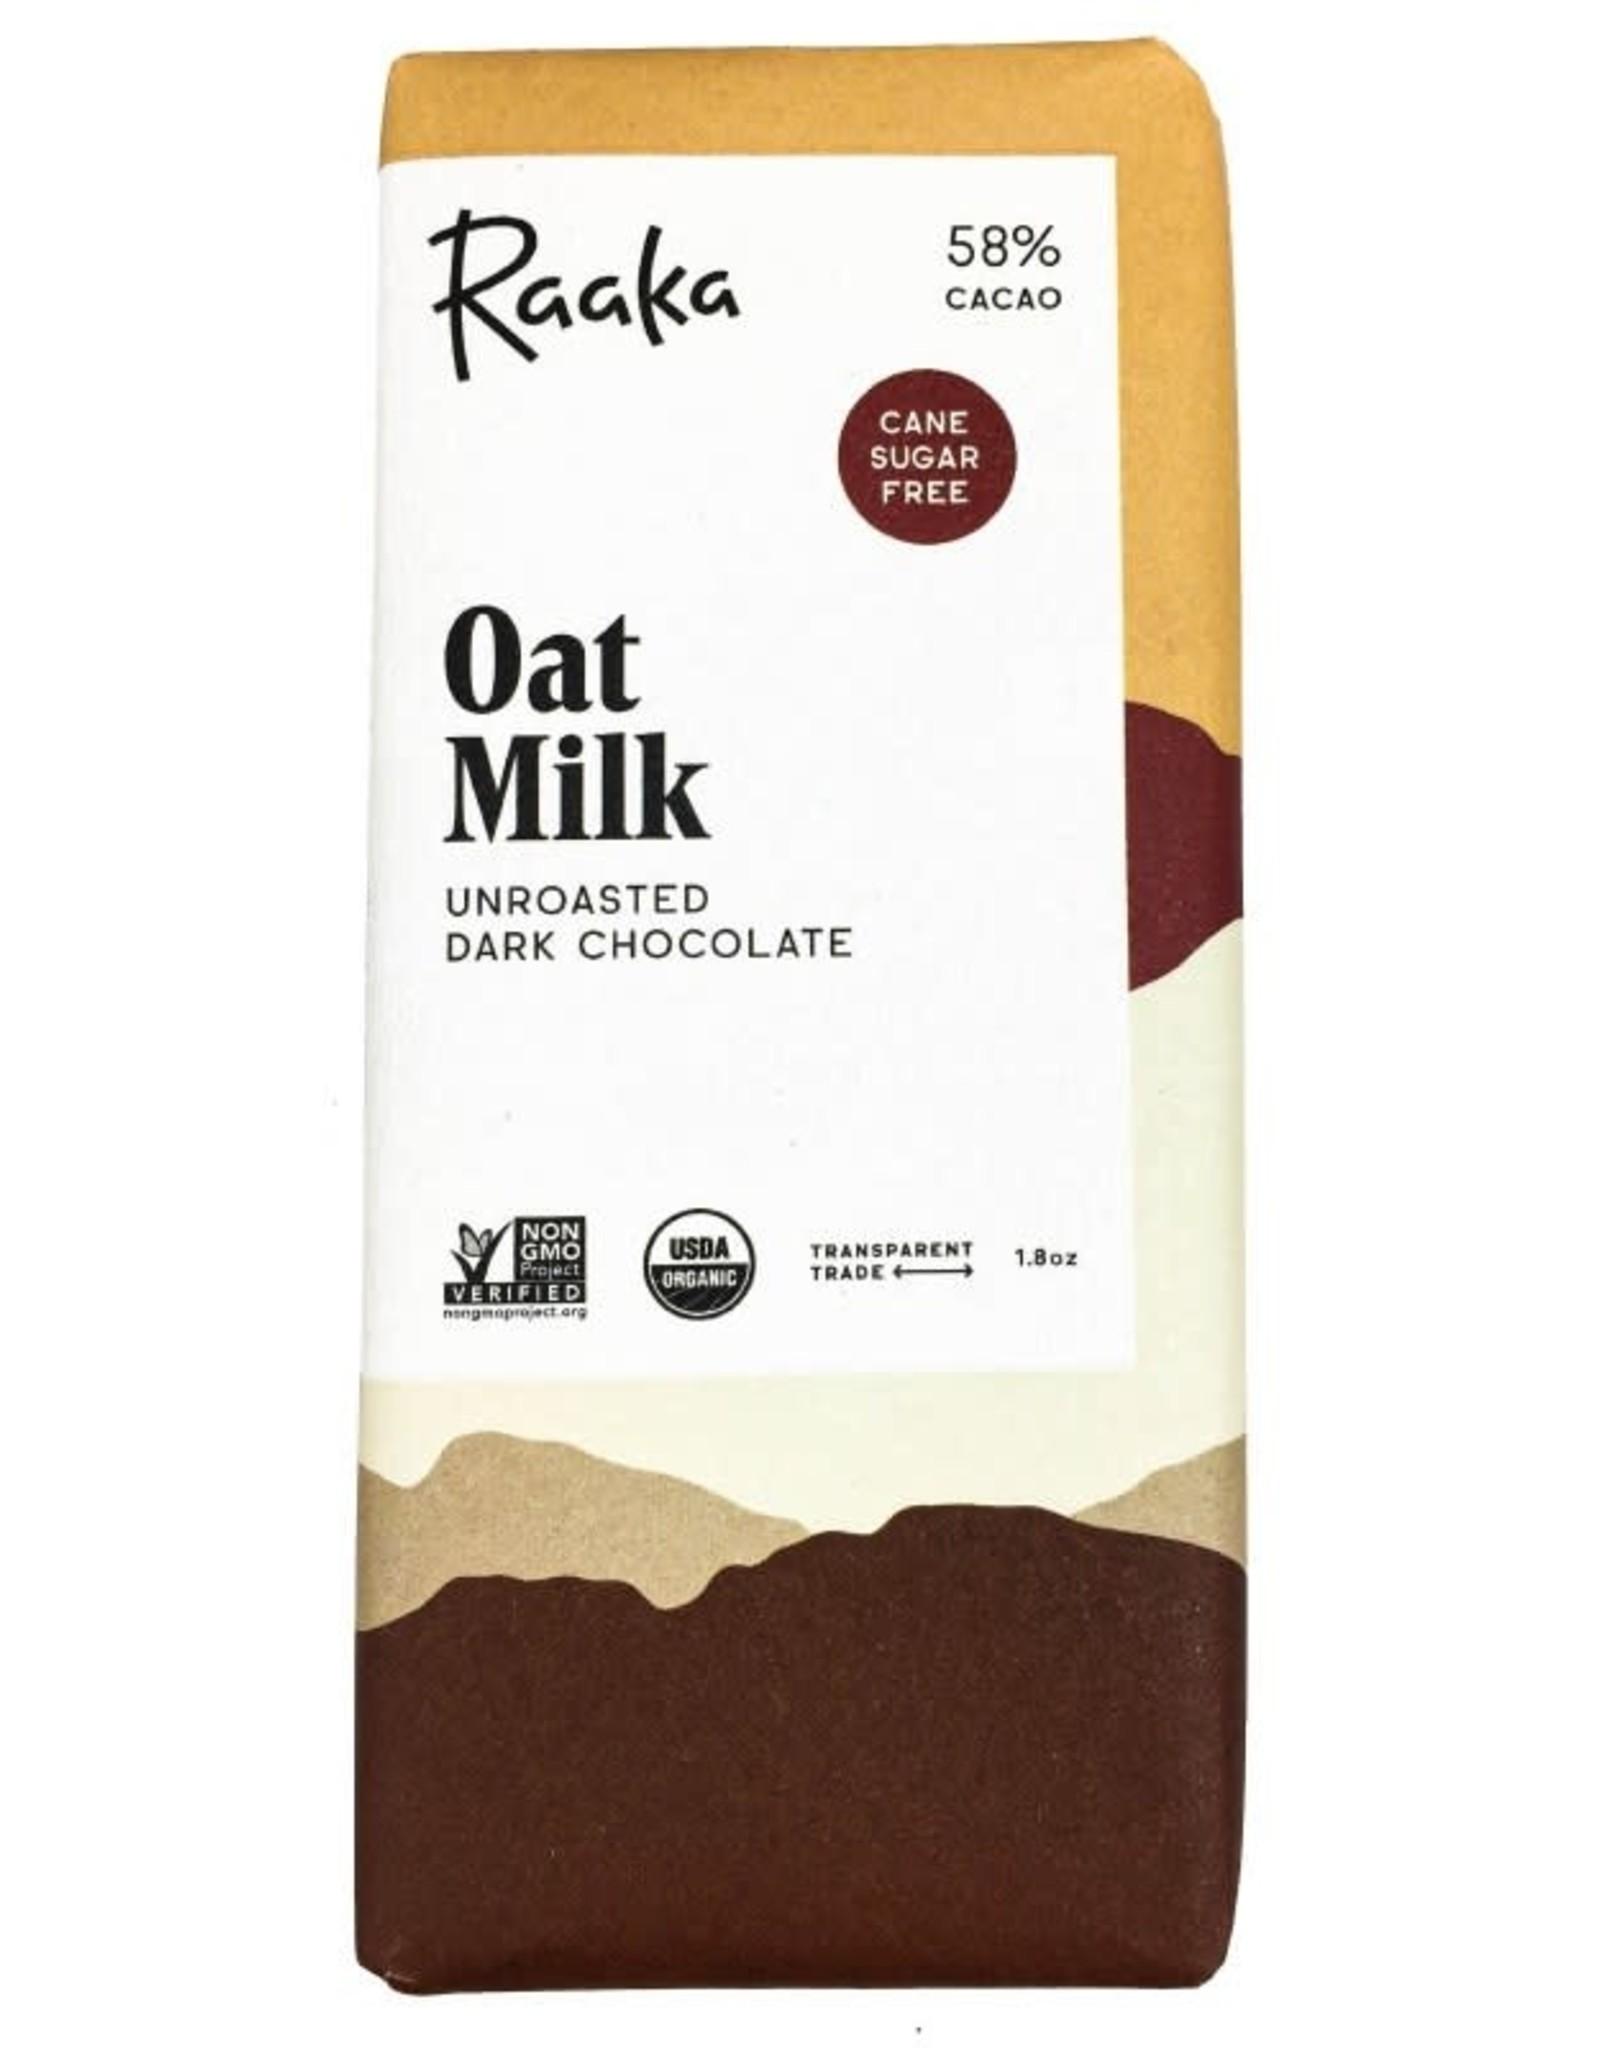 Raaka Oat Milk Chocolate Bar